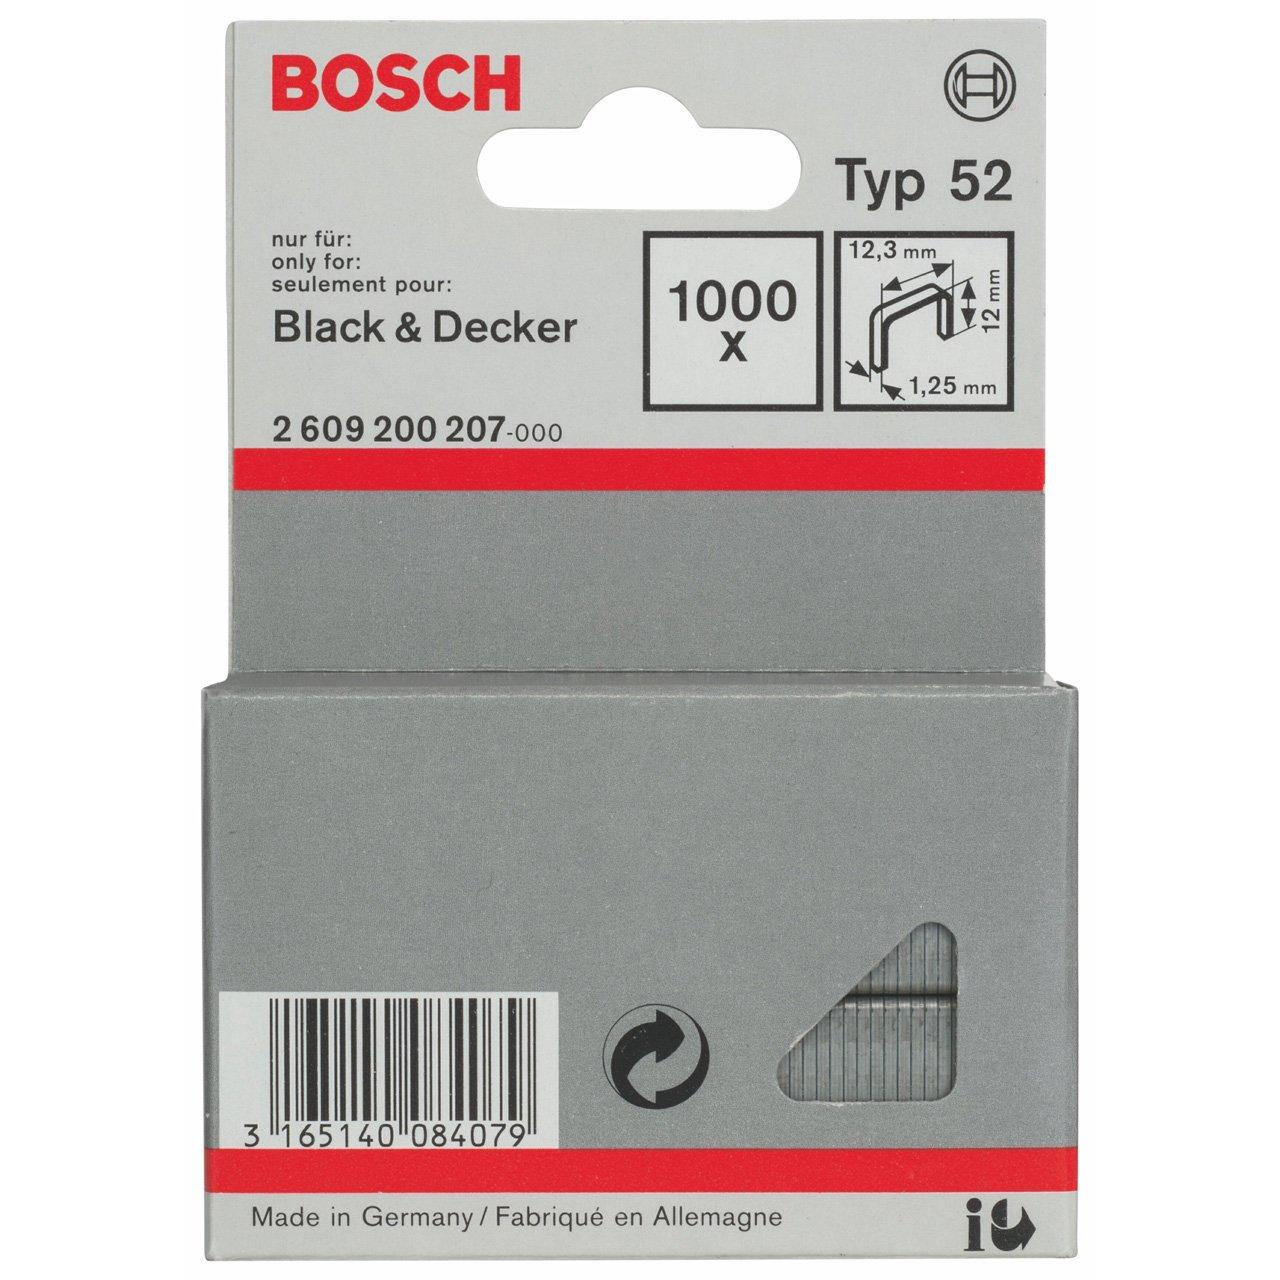 pack de 1000 Grapa de alambre plano tipo 52-12,3 x 1,25 x 12 mm Bosch 2 609 200 207